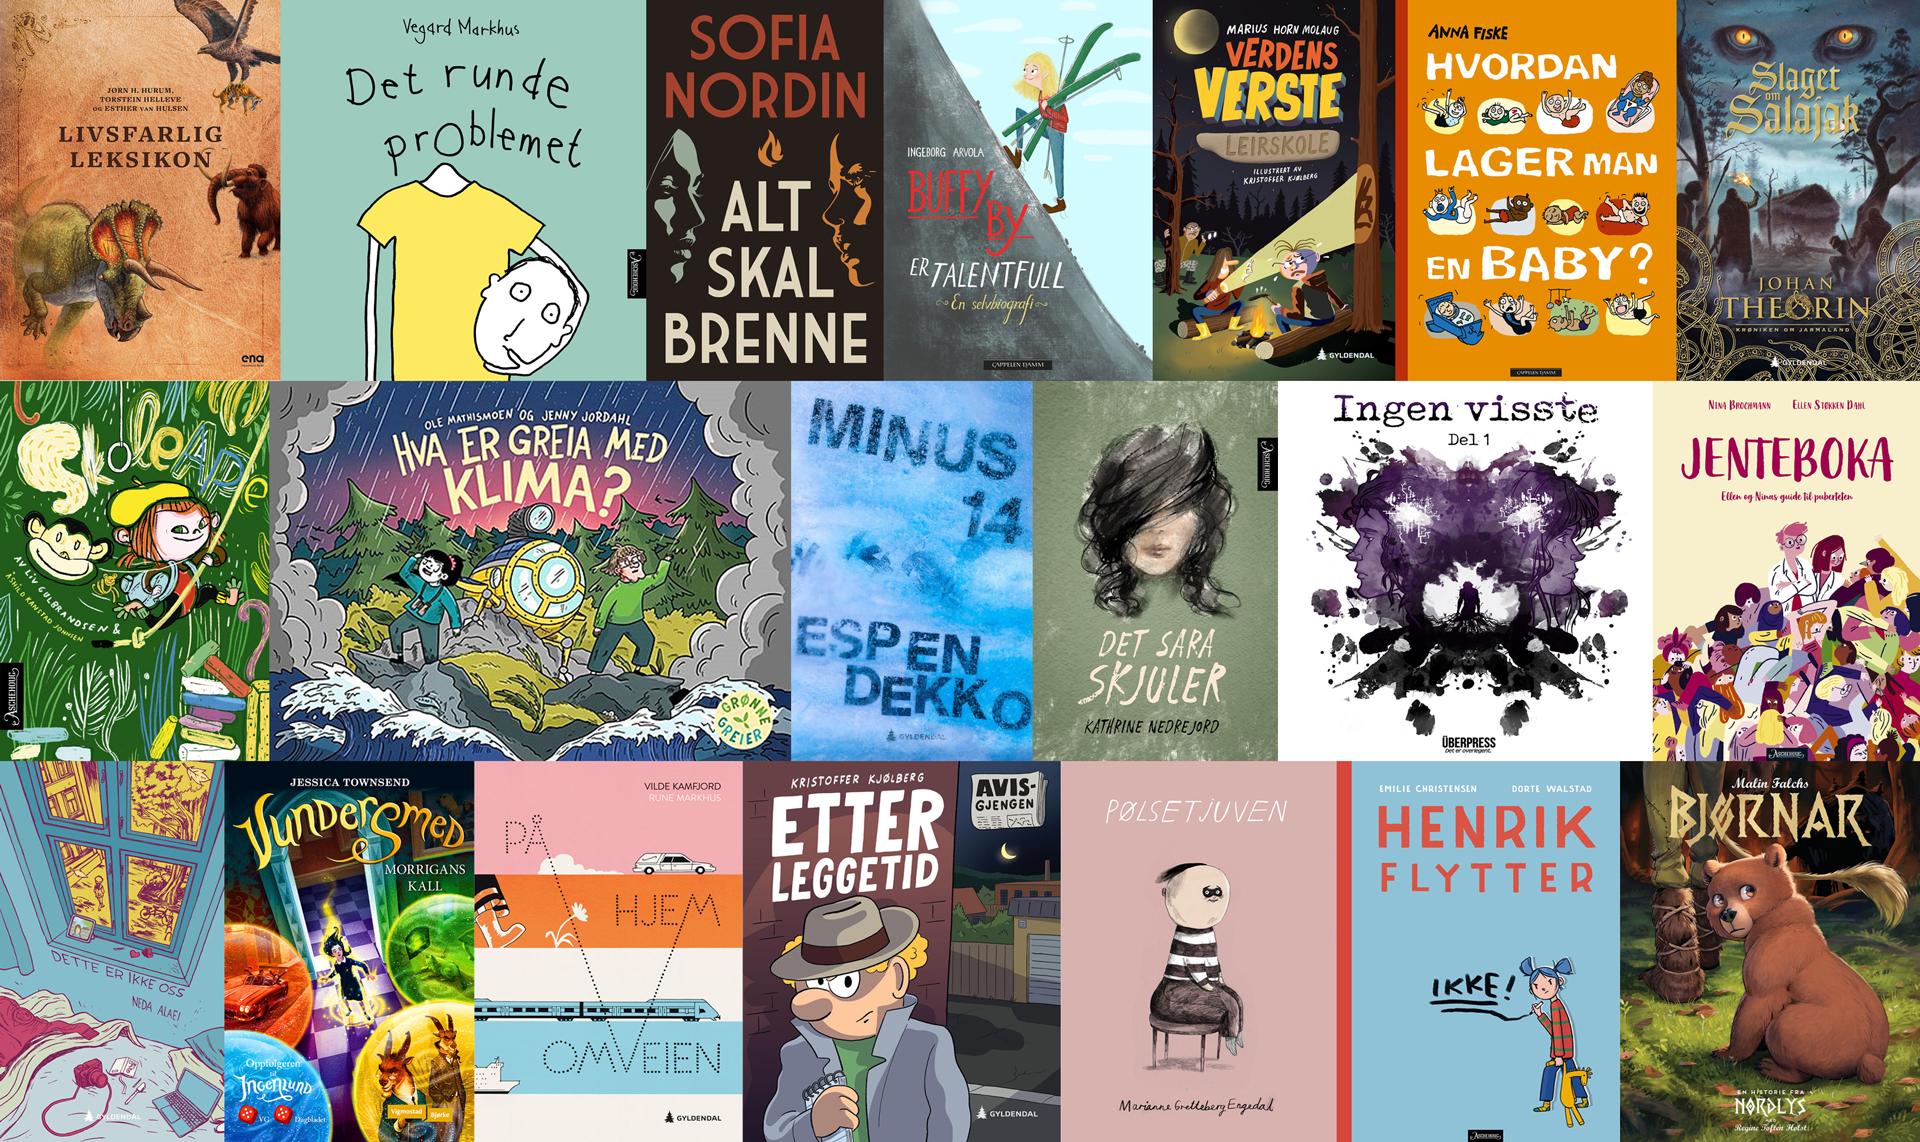 Nominasjoner til Kulturdepartementets priser  for barne- og ungdomslitteratur utgitt i 2019